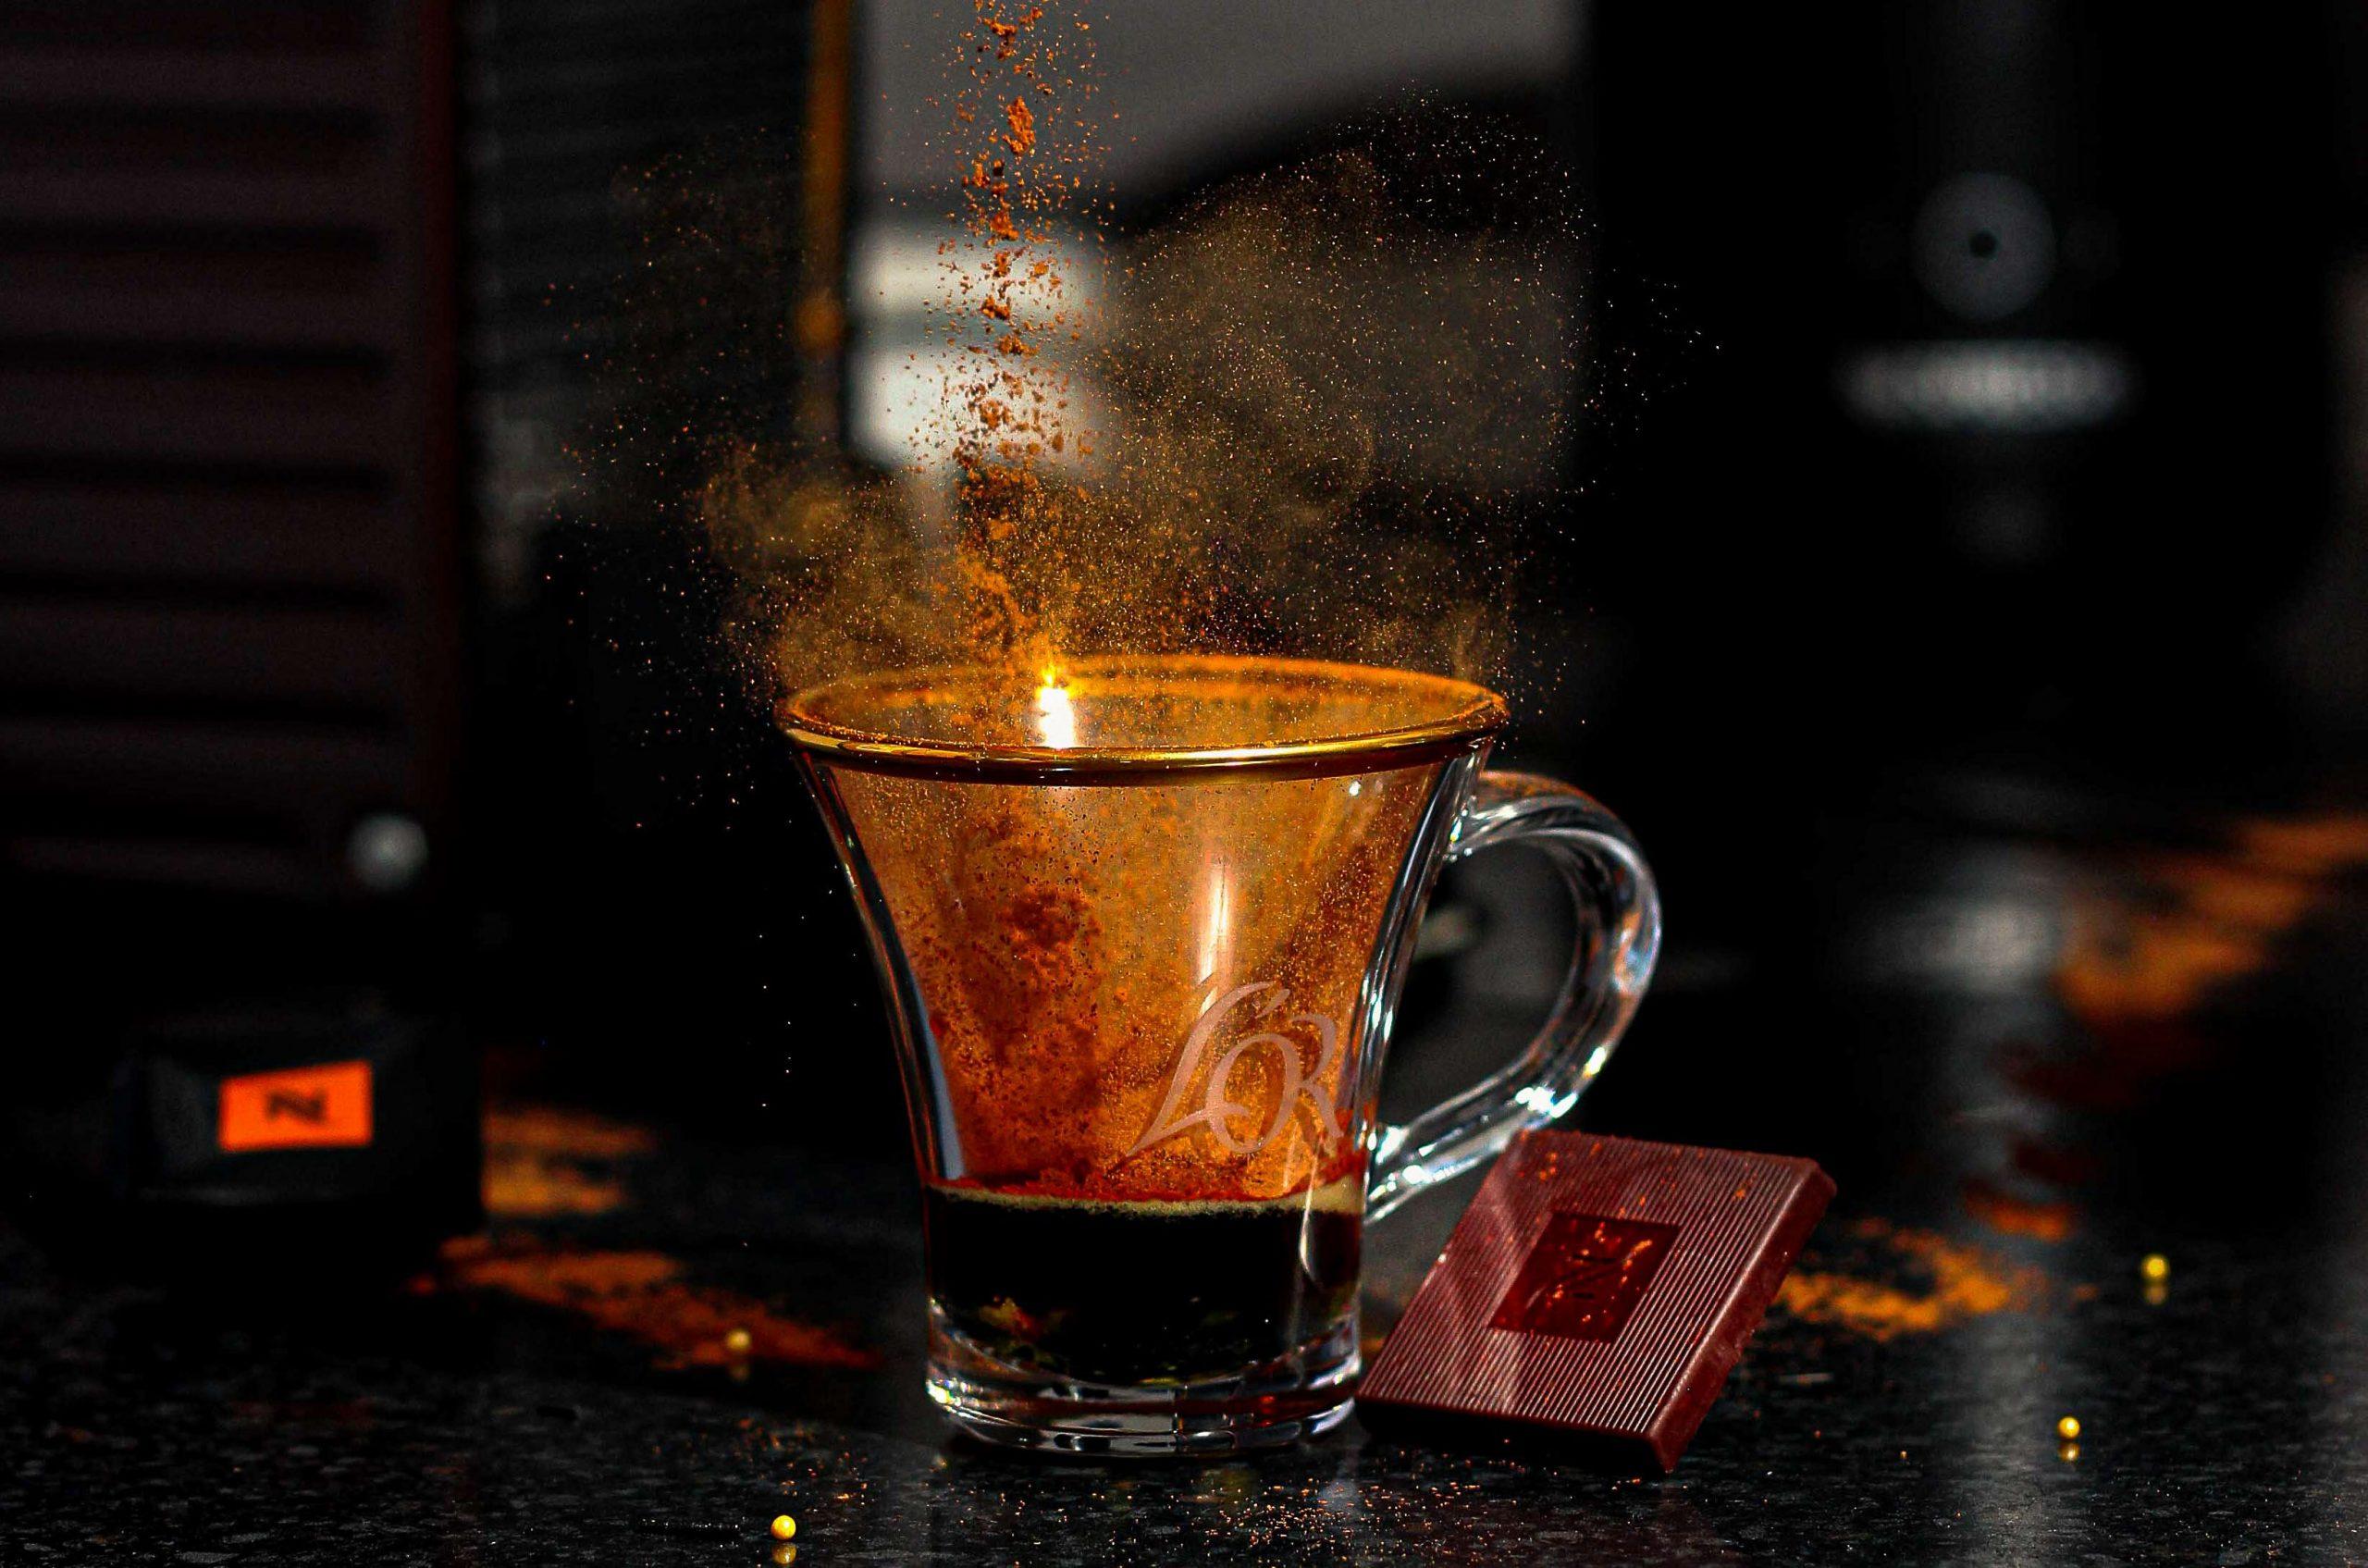 Nespresso with mug